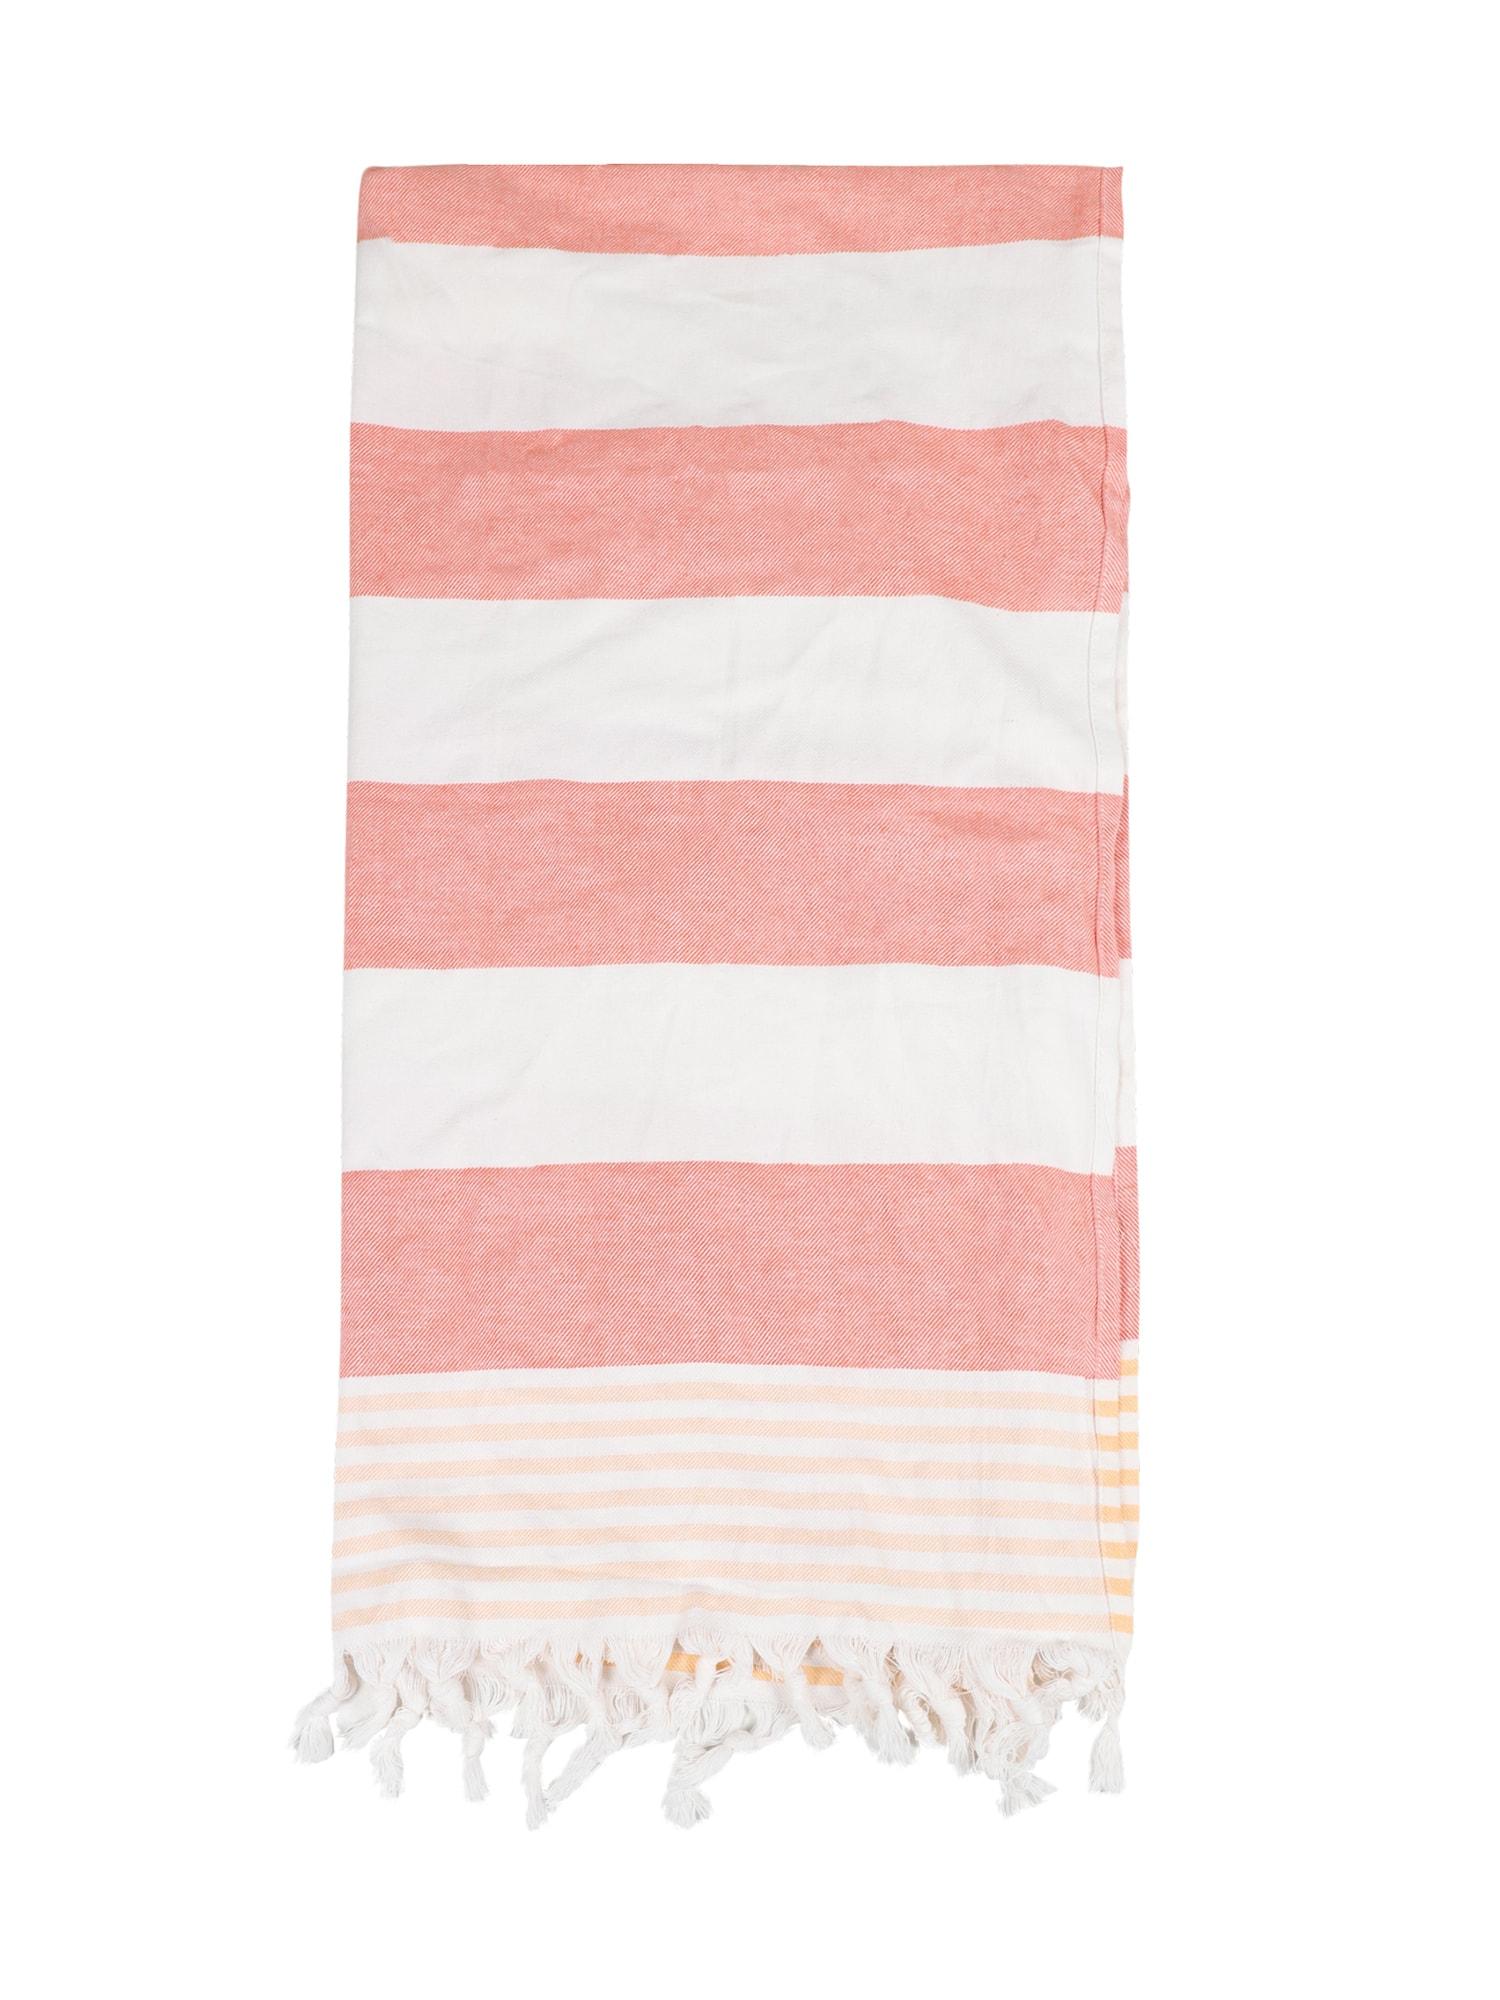 Plážový ručník Cora oranžová bílá ABOUT YOU